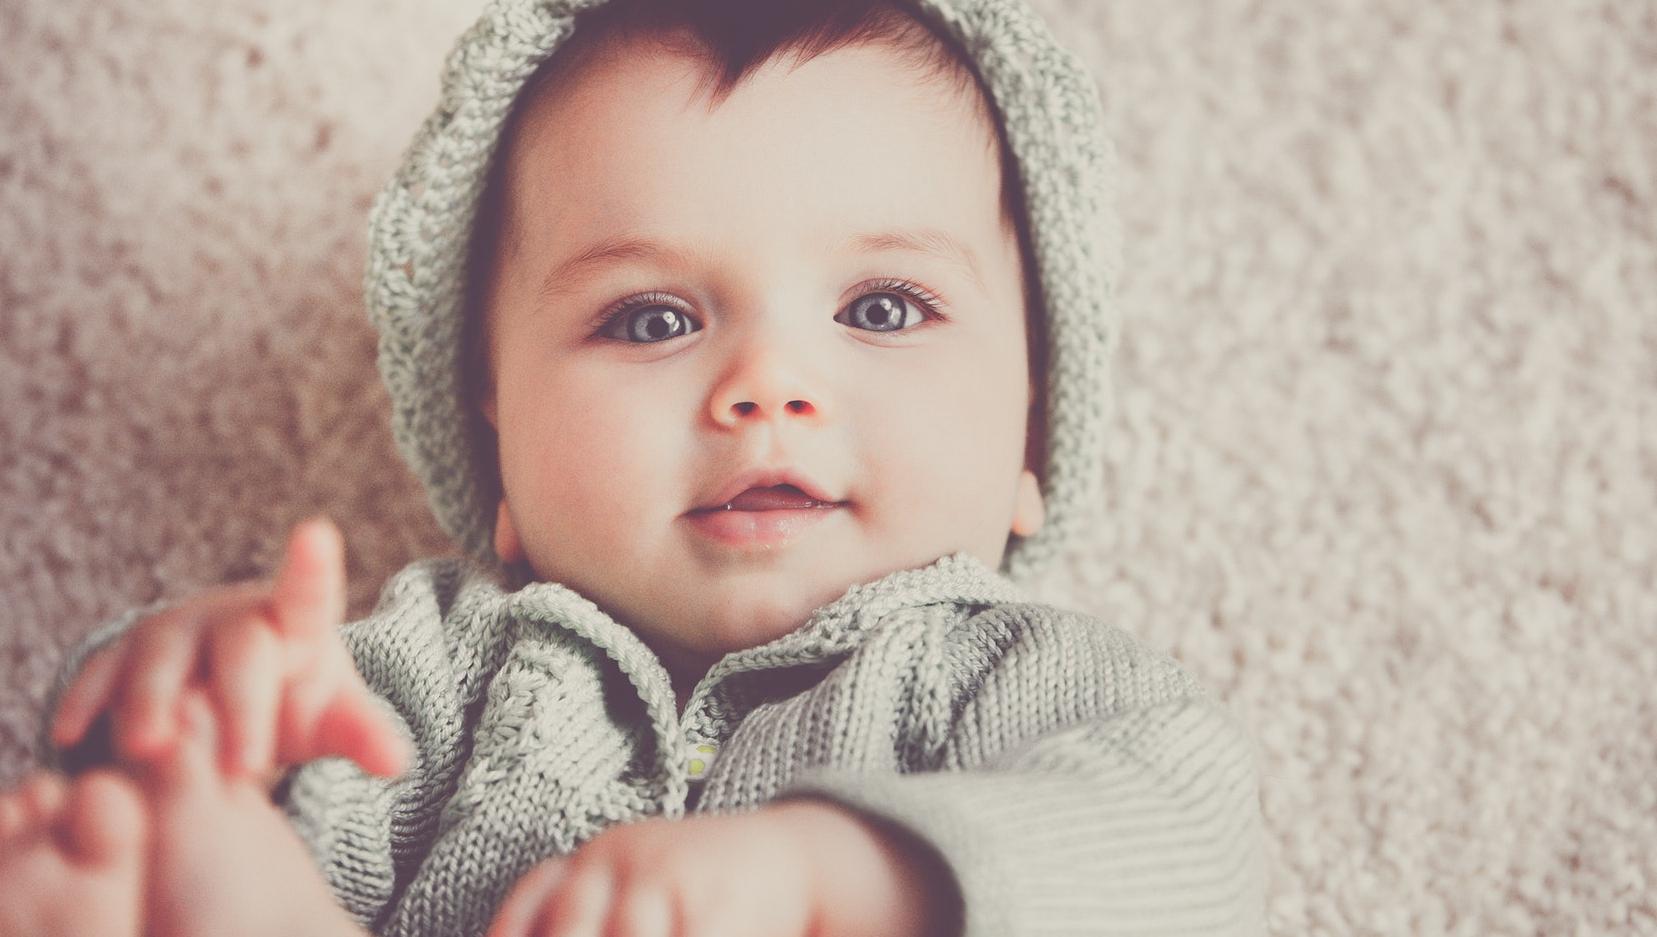 ząbkowanie dziecka rozpoczyna się w 4. miesiącu życia